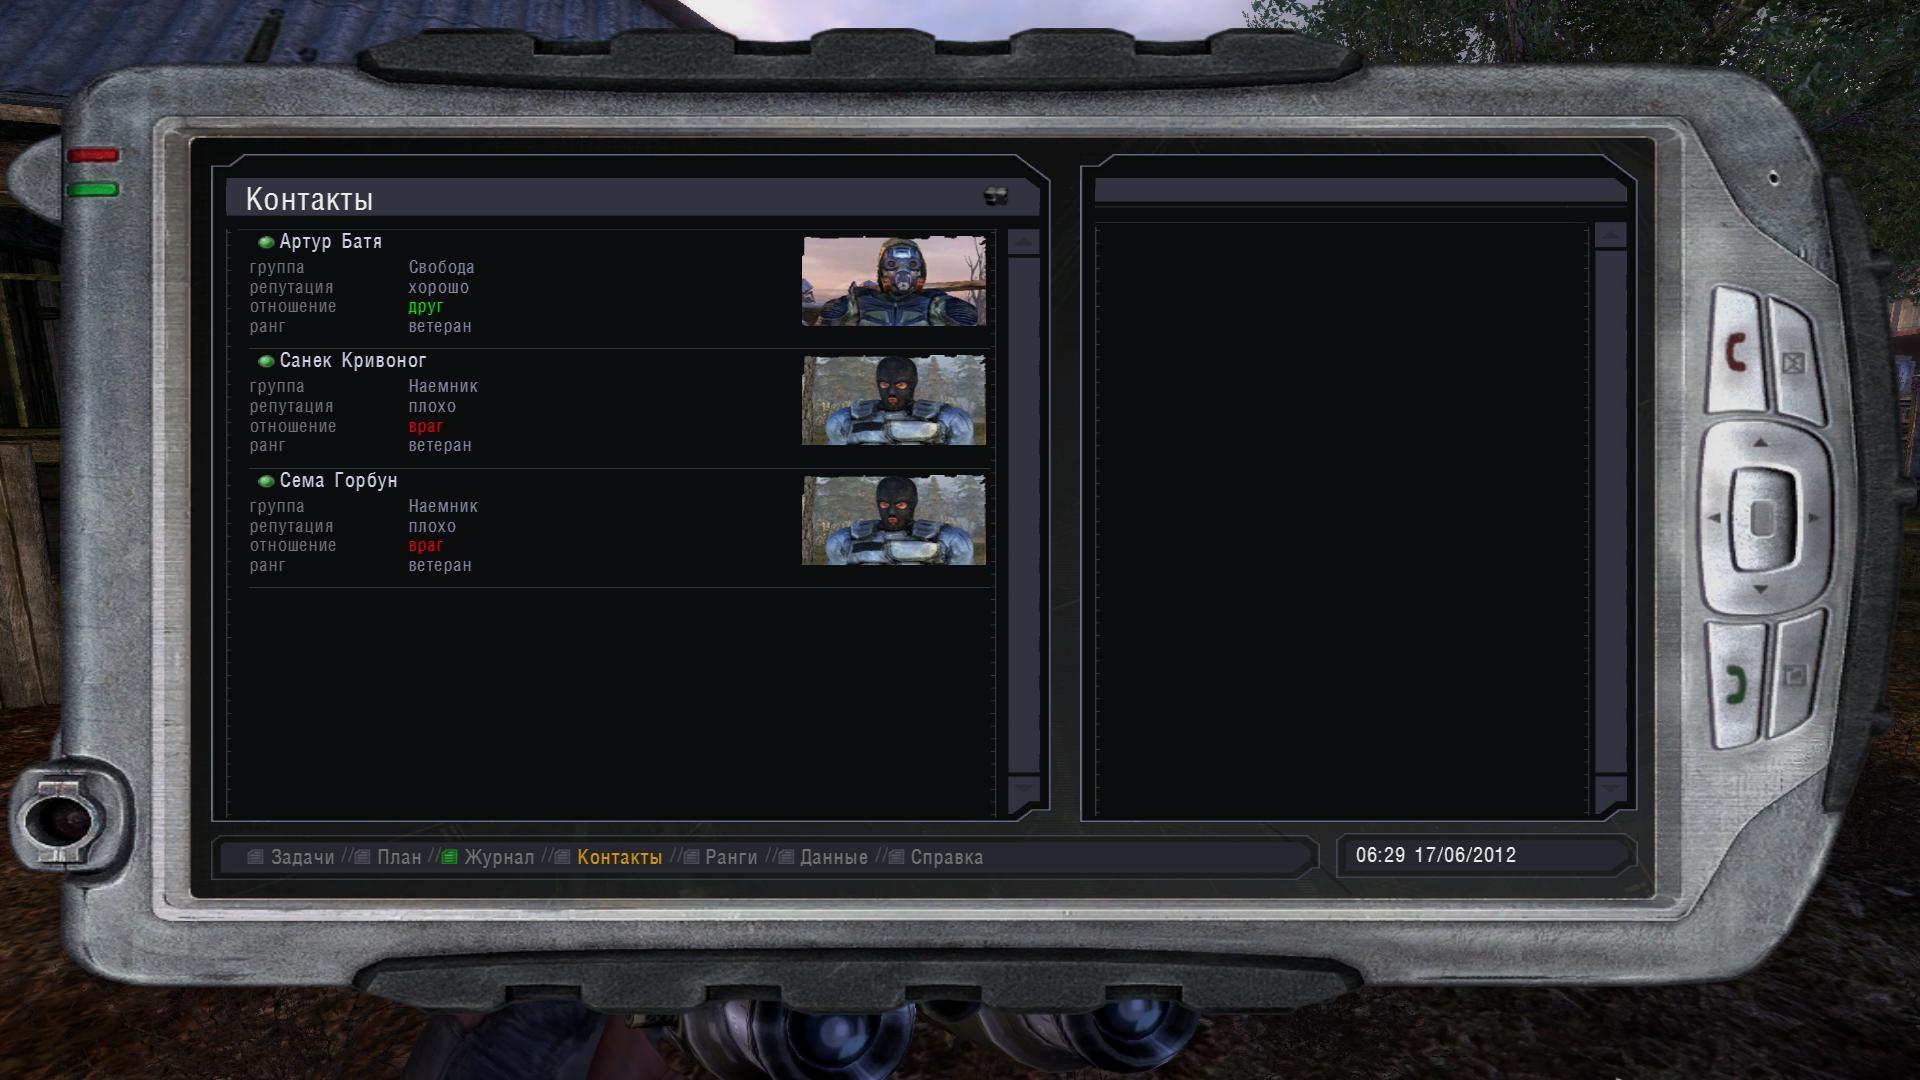 Ss 123 06-06-16 18-04-14 (l07 military)